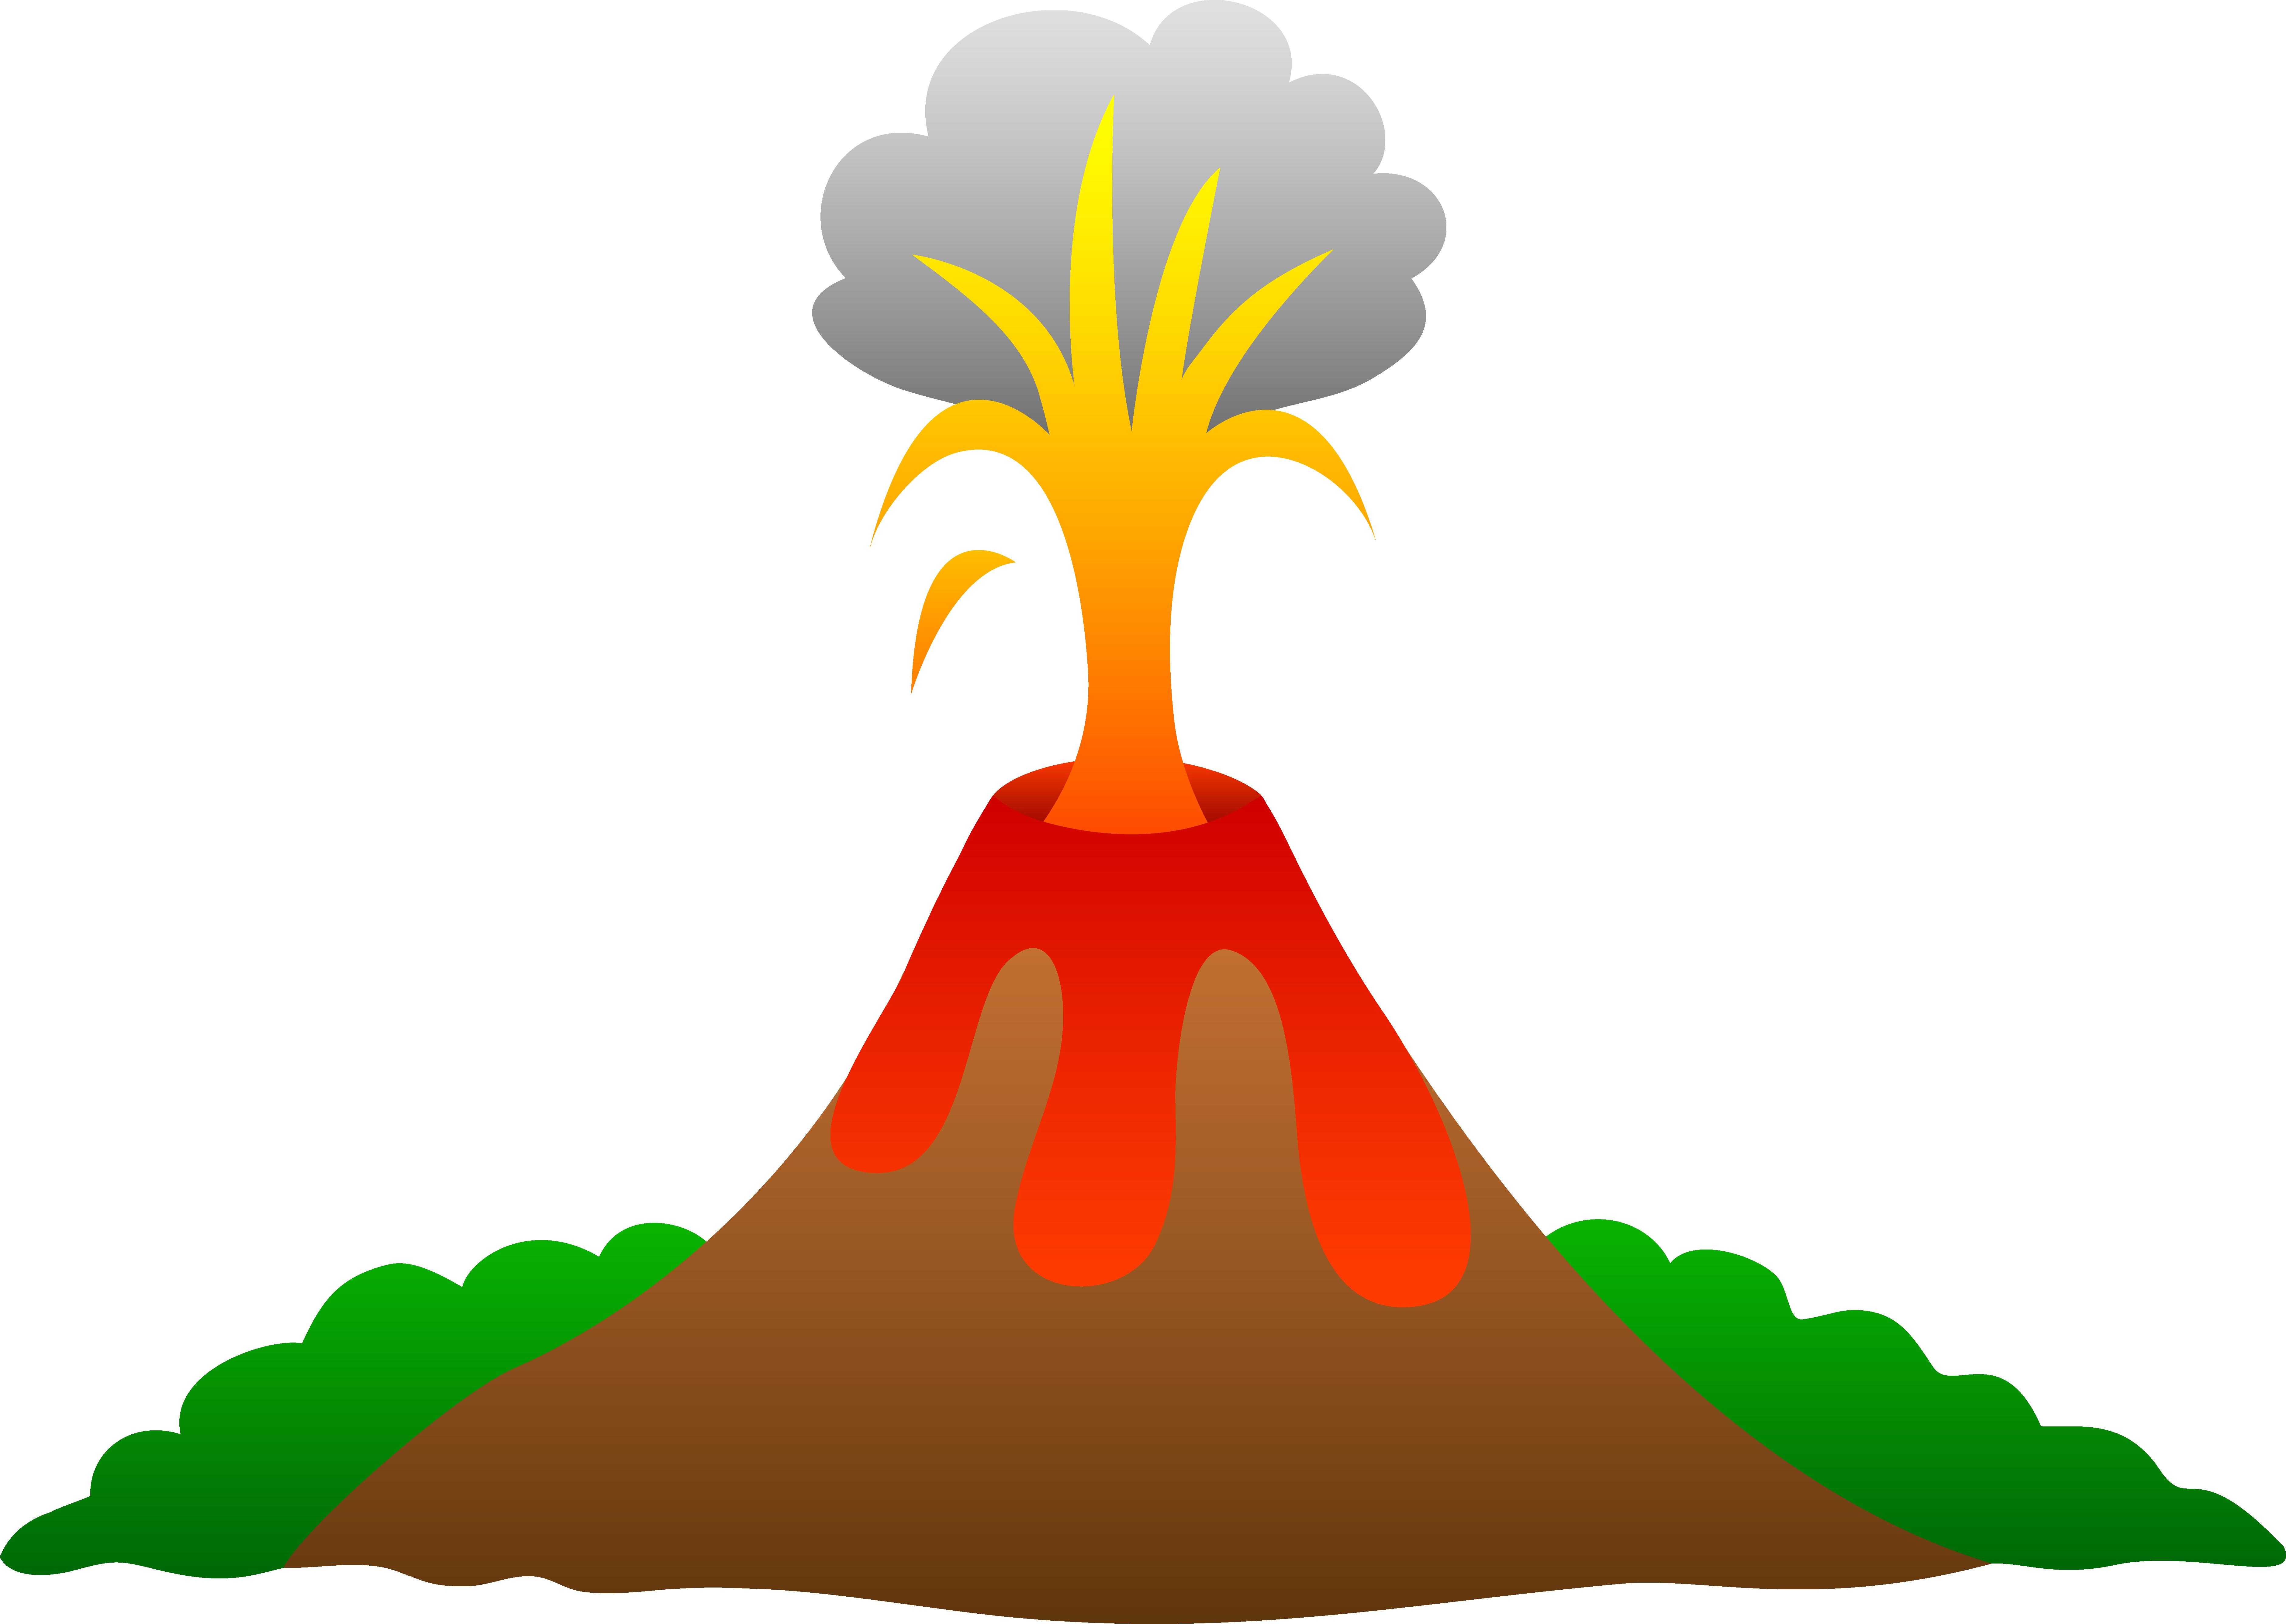 Eruption clipart #15